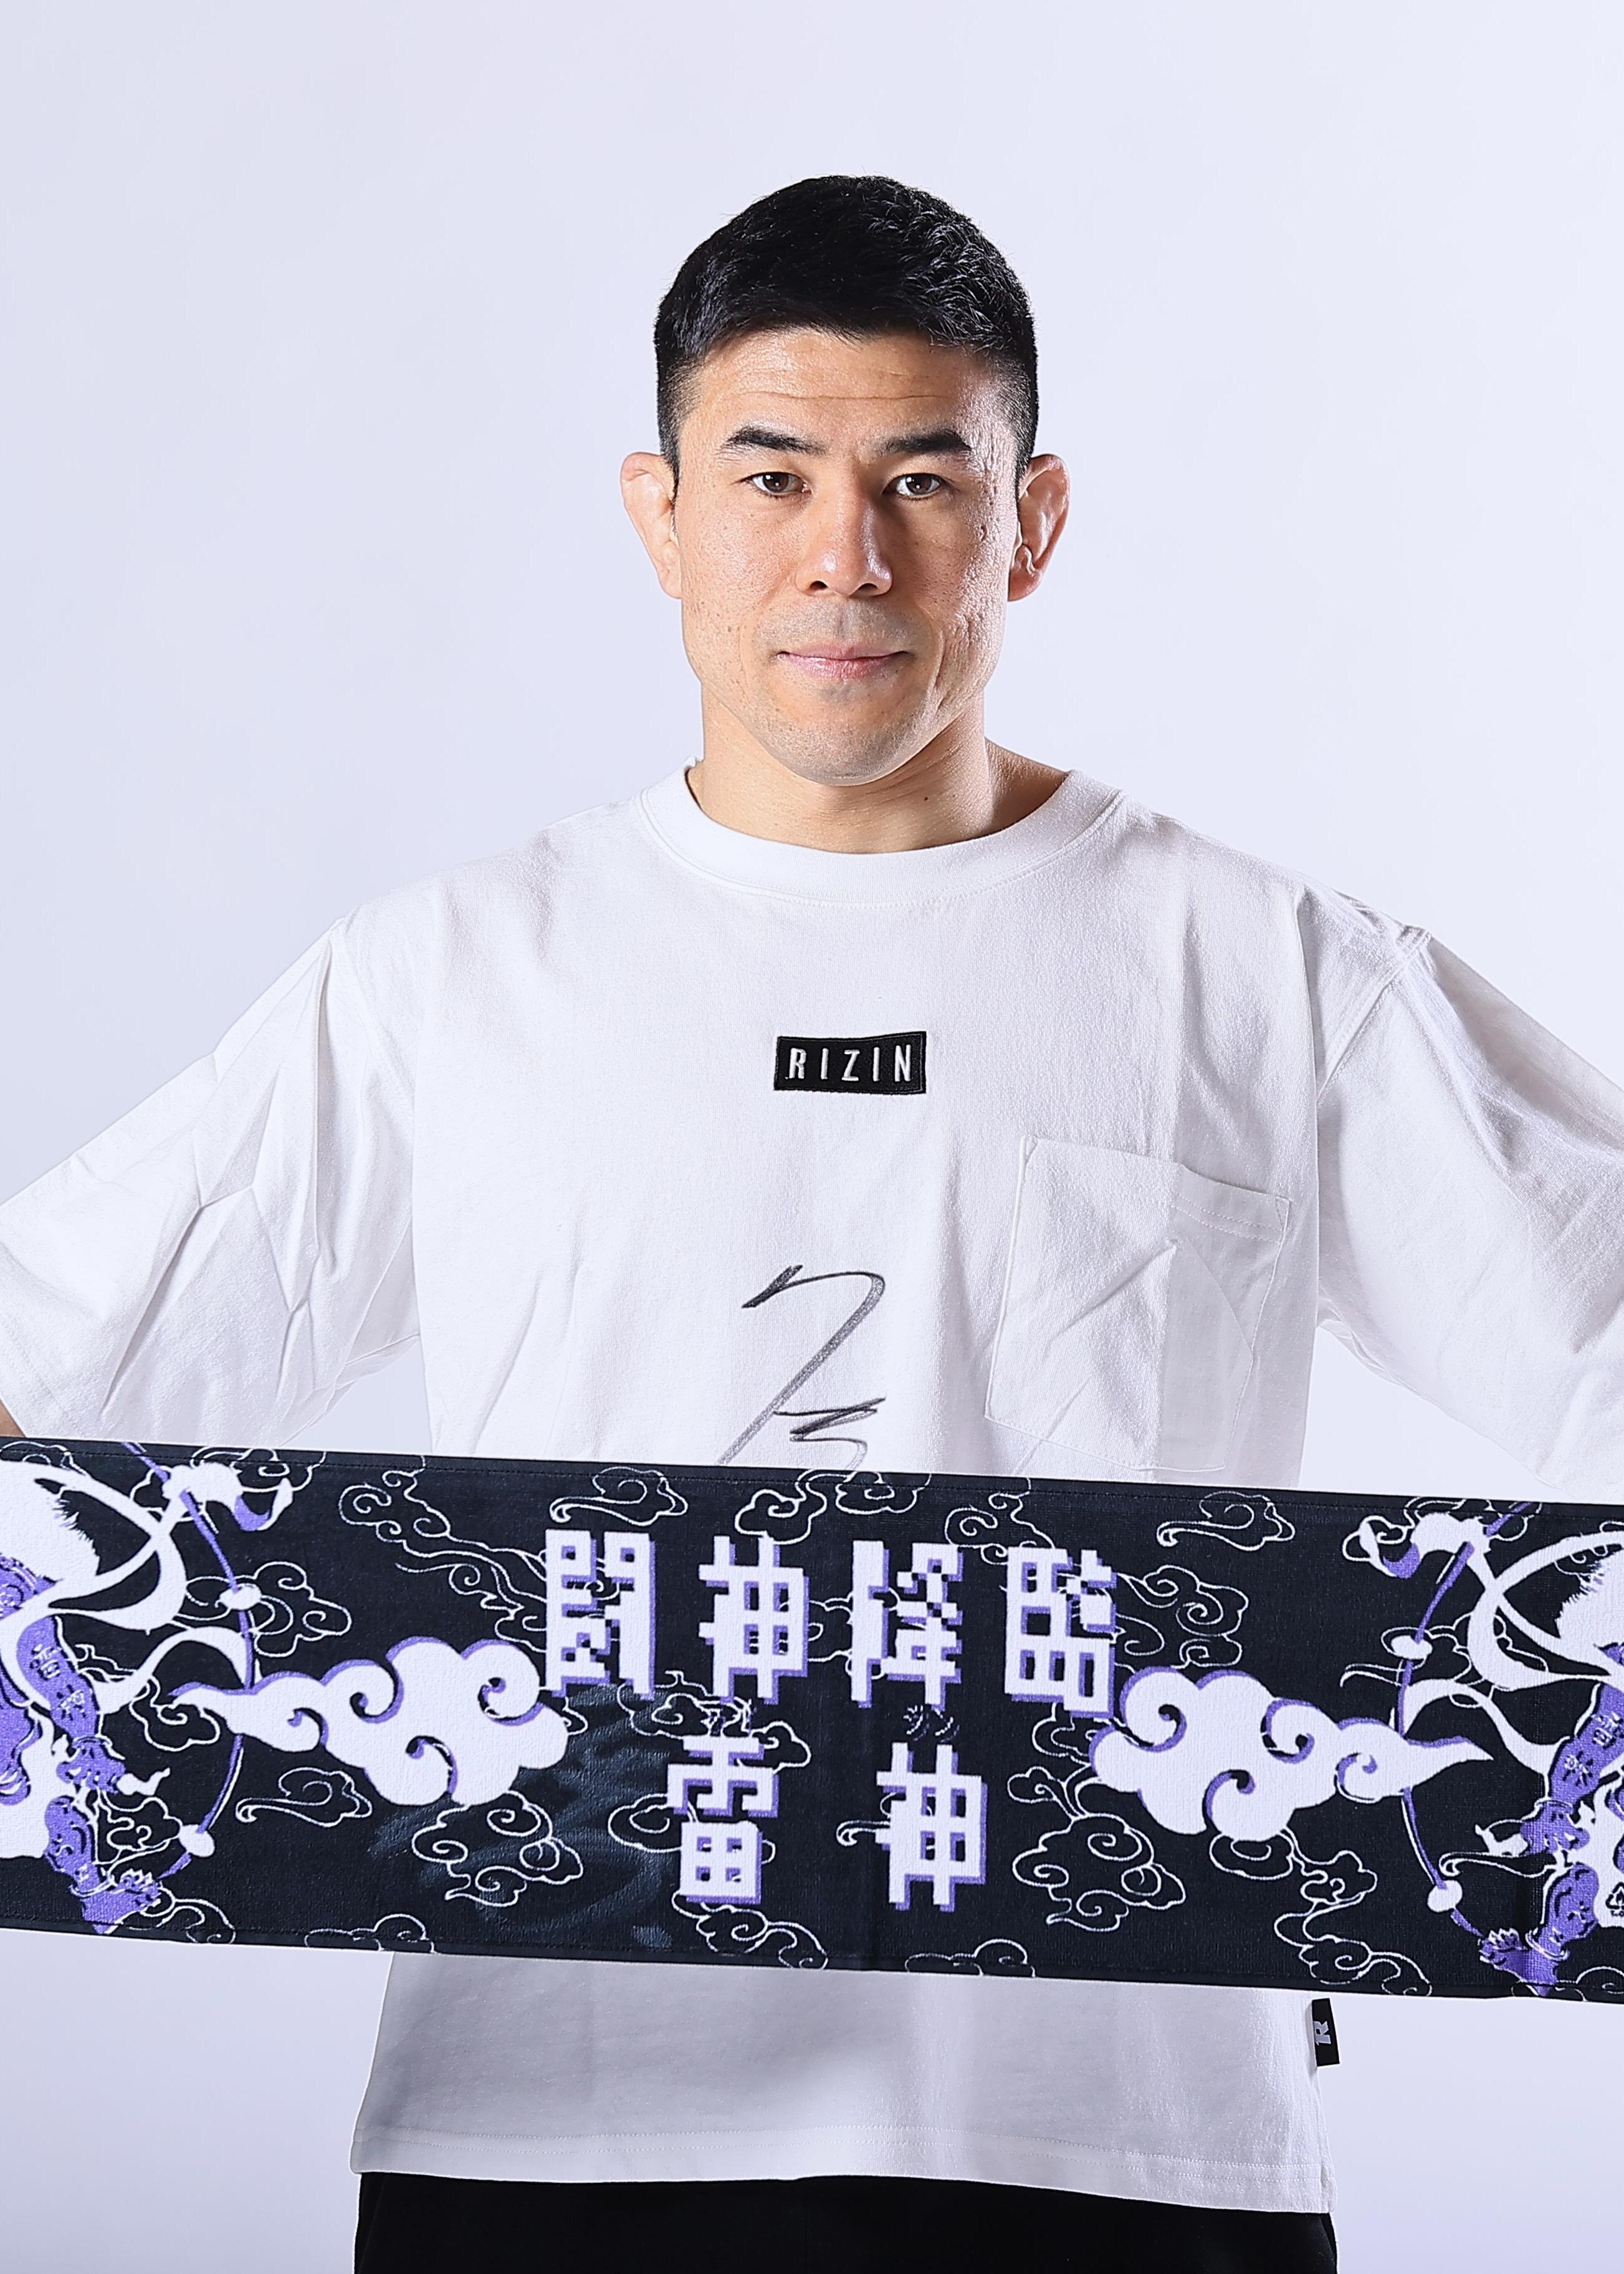 【公式】実使用・本人直筆サイン入「RIZINオリジナルTシャツ・タオルセット」久米 鷹介